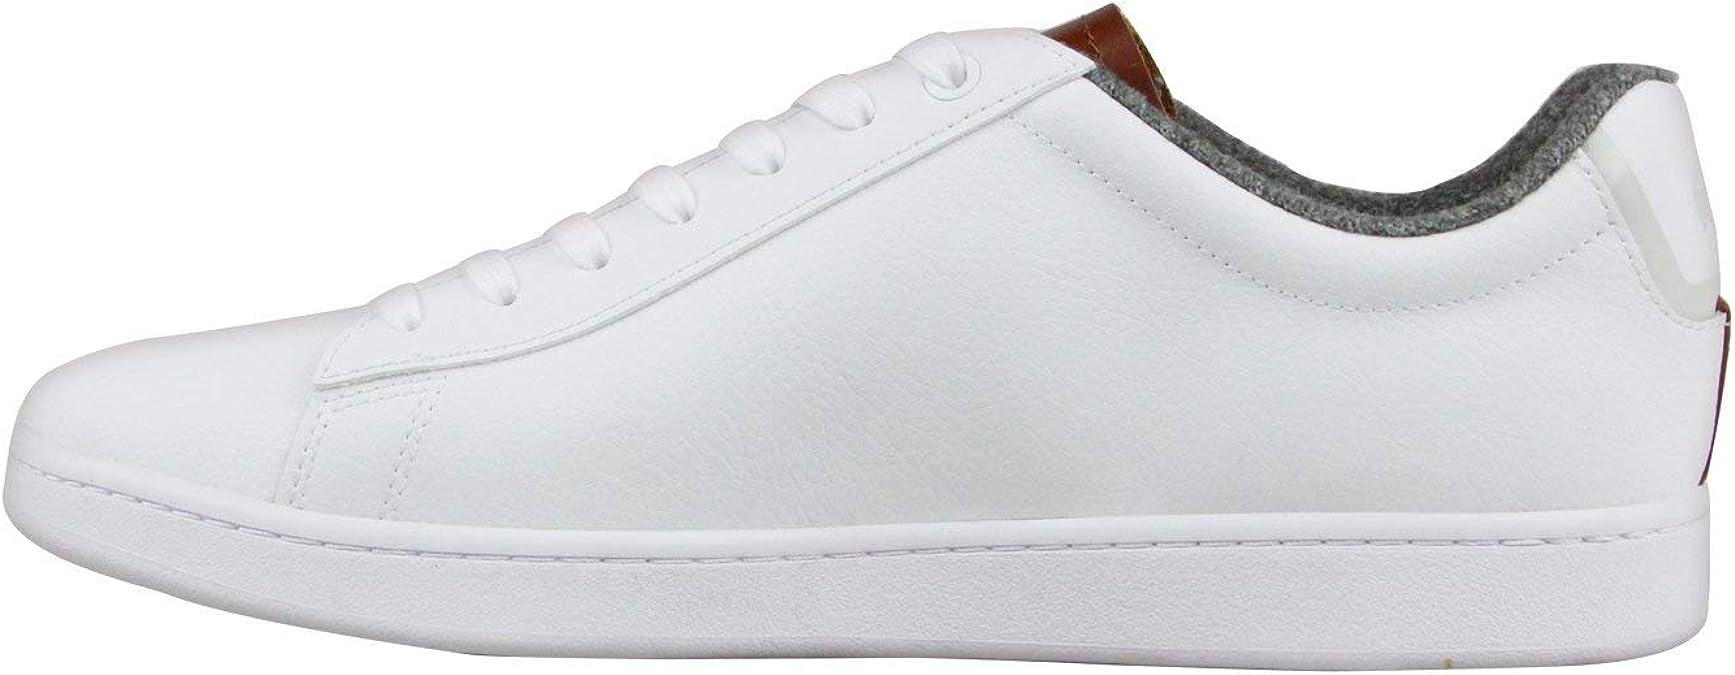 Lacoste Carnaby EVO 318 2 SPM White Brown Men/'s Sneaker 36SPM0010385